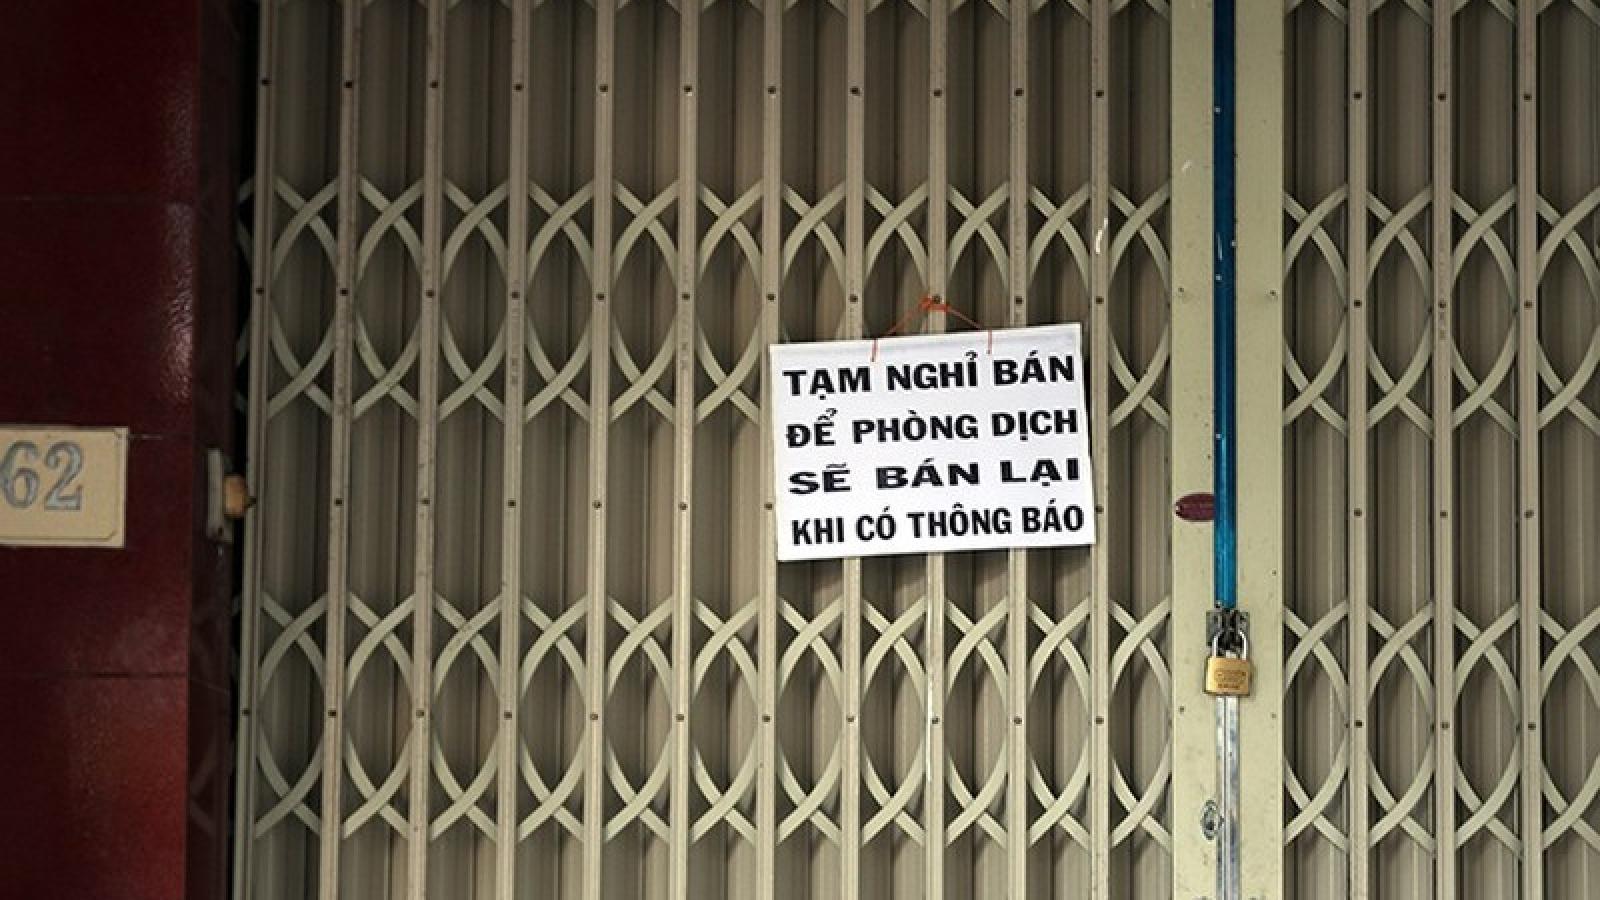 Đà Nẵng xử lý một cửa hàng thực phẩm vẫn kinh doanh